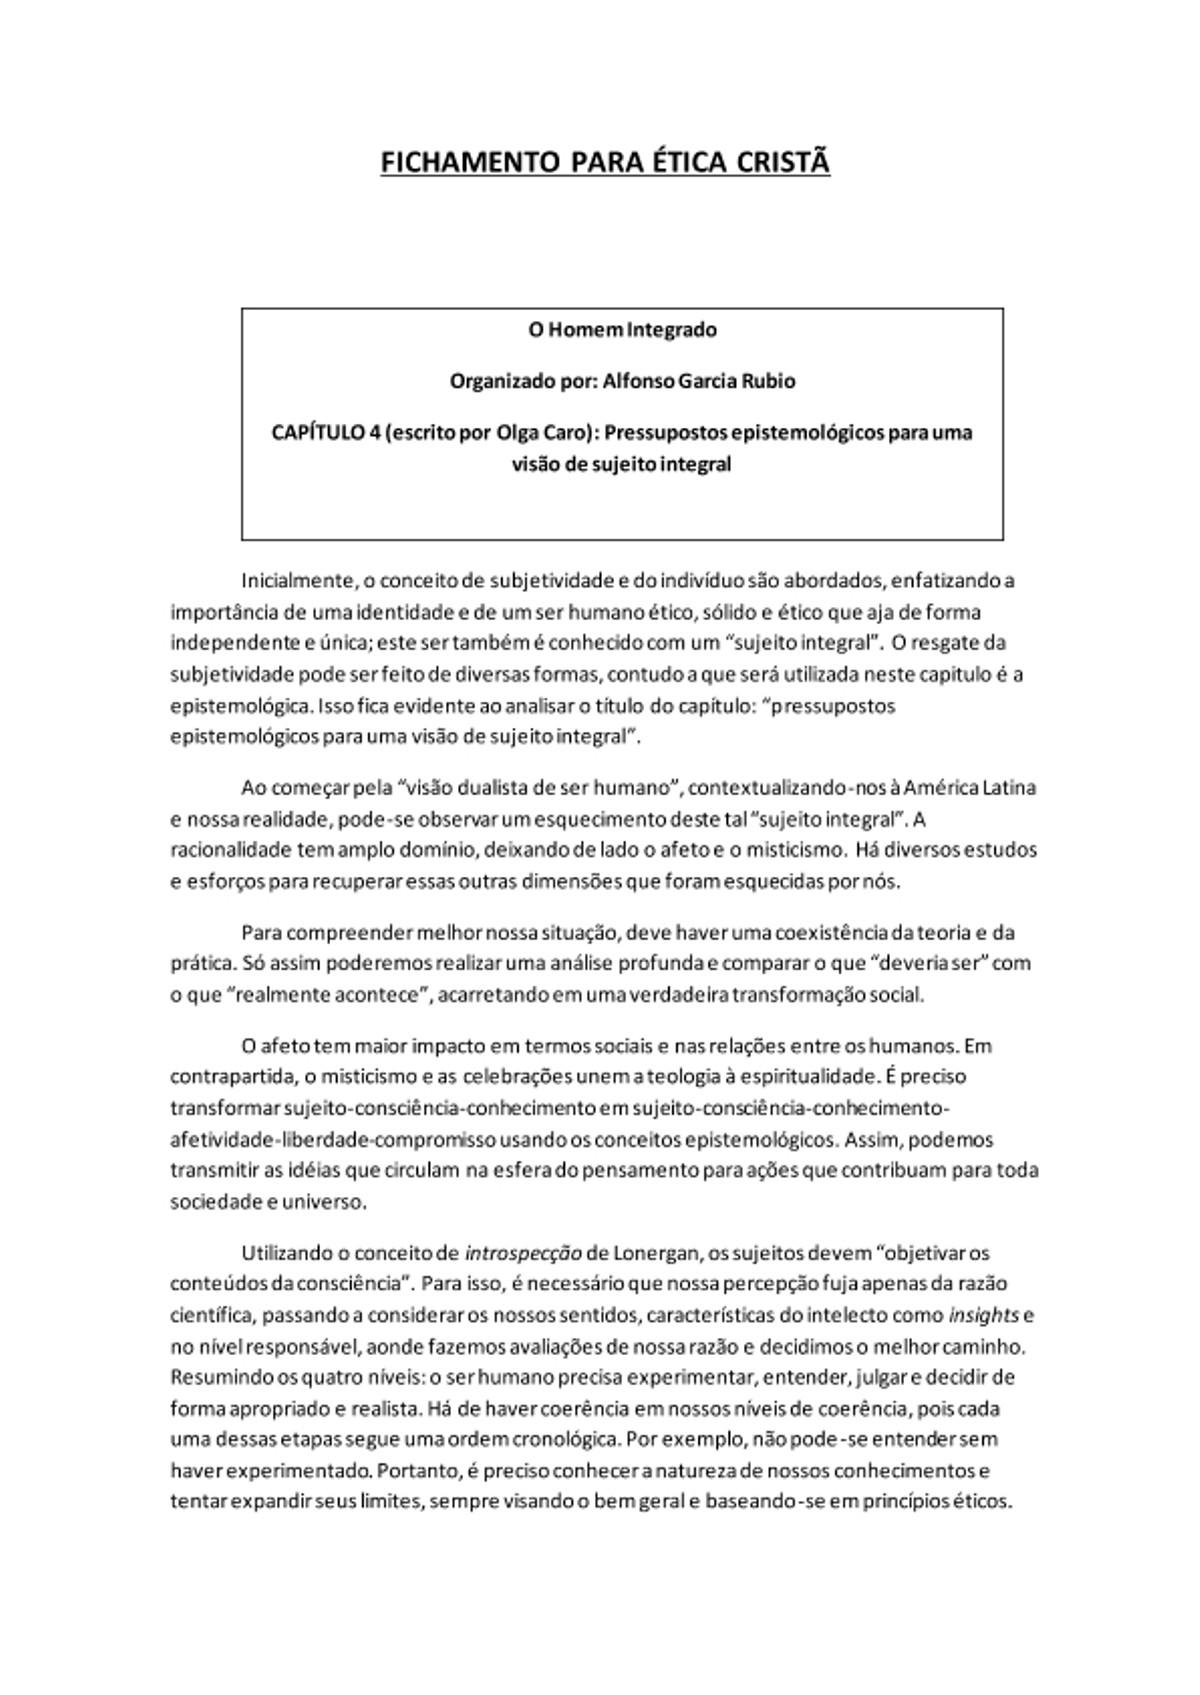 Pre-visualização do material FICHAMENTO PARA ÉTICA CRISTÃ - página 1